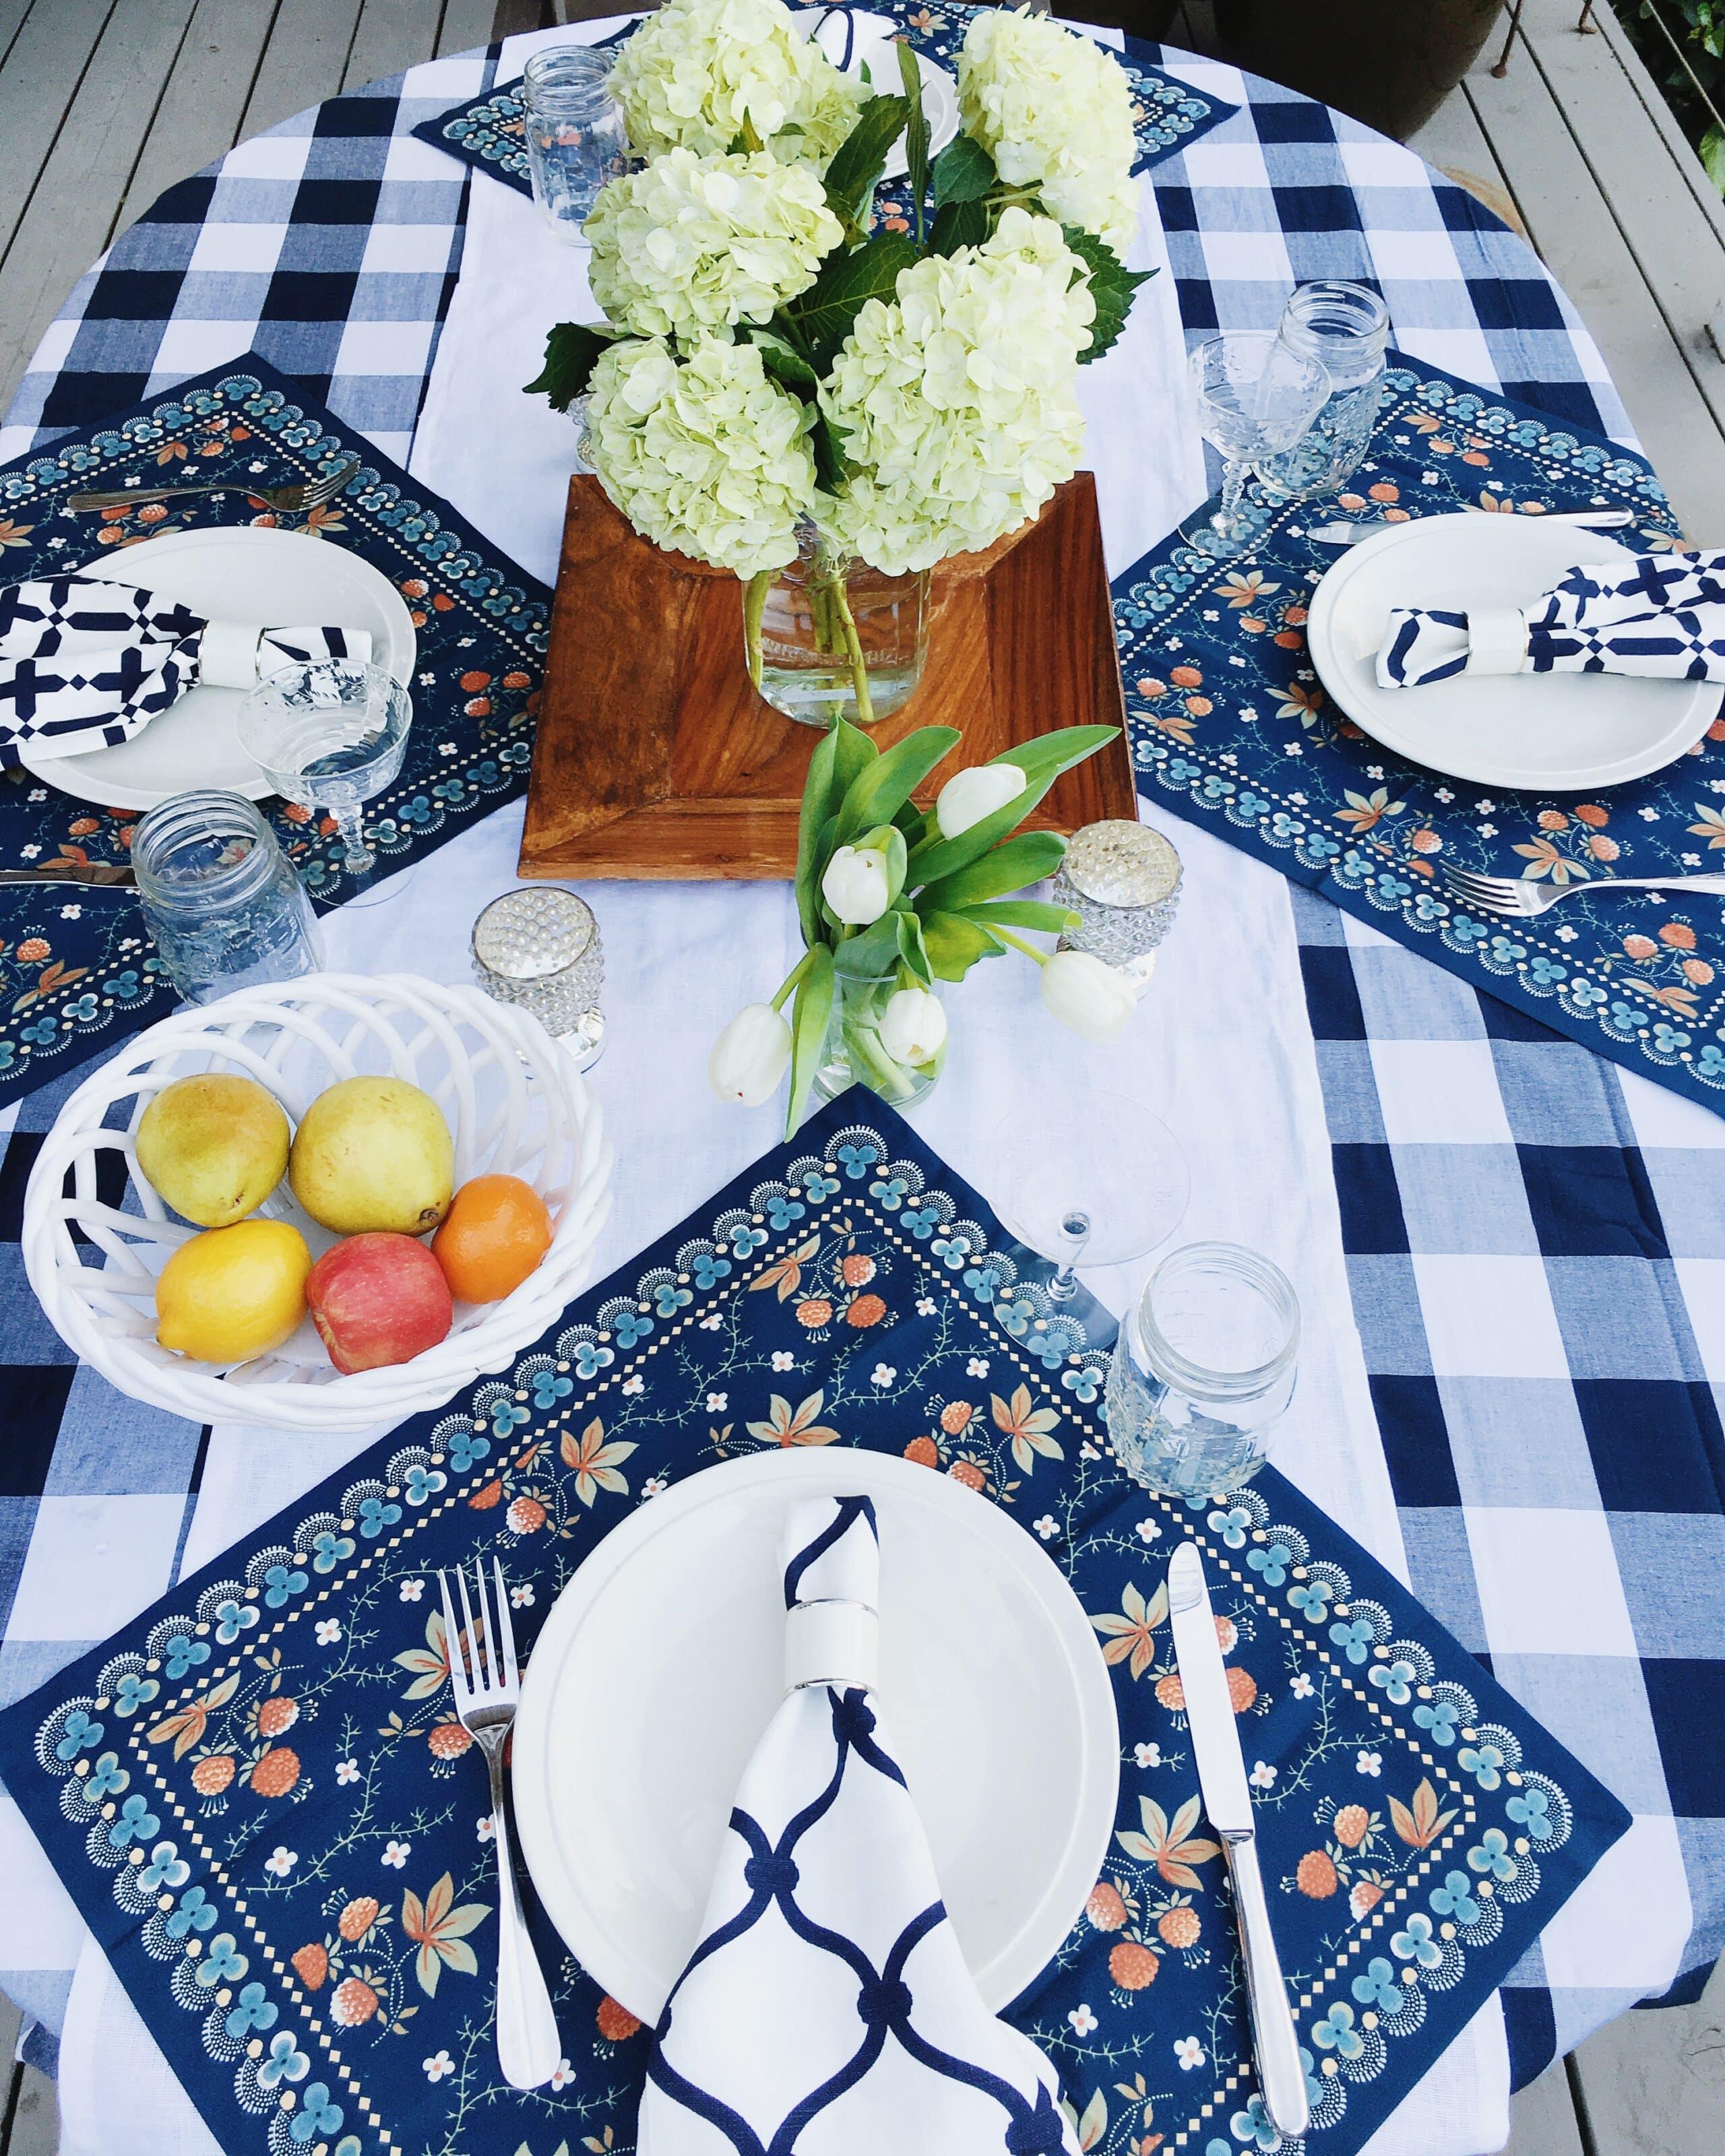 Blue White picnic table setting